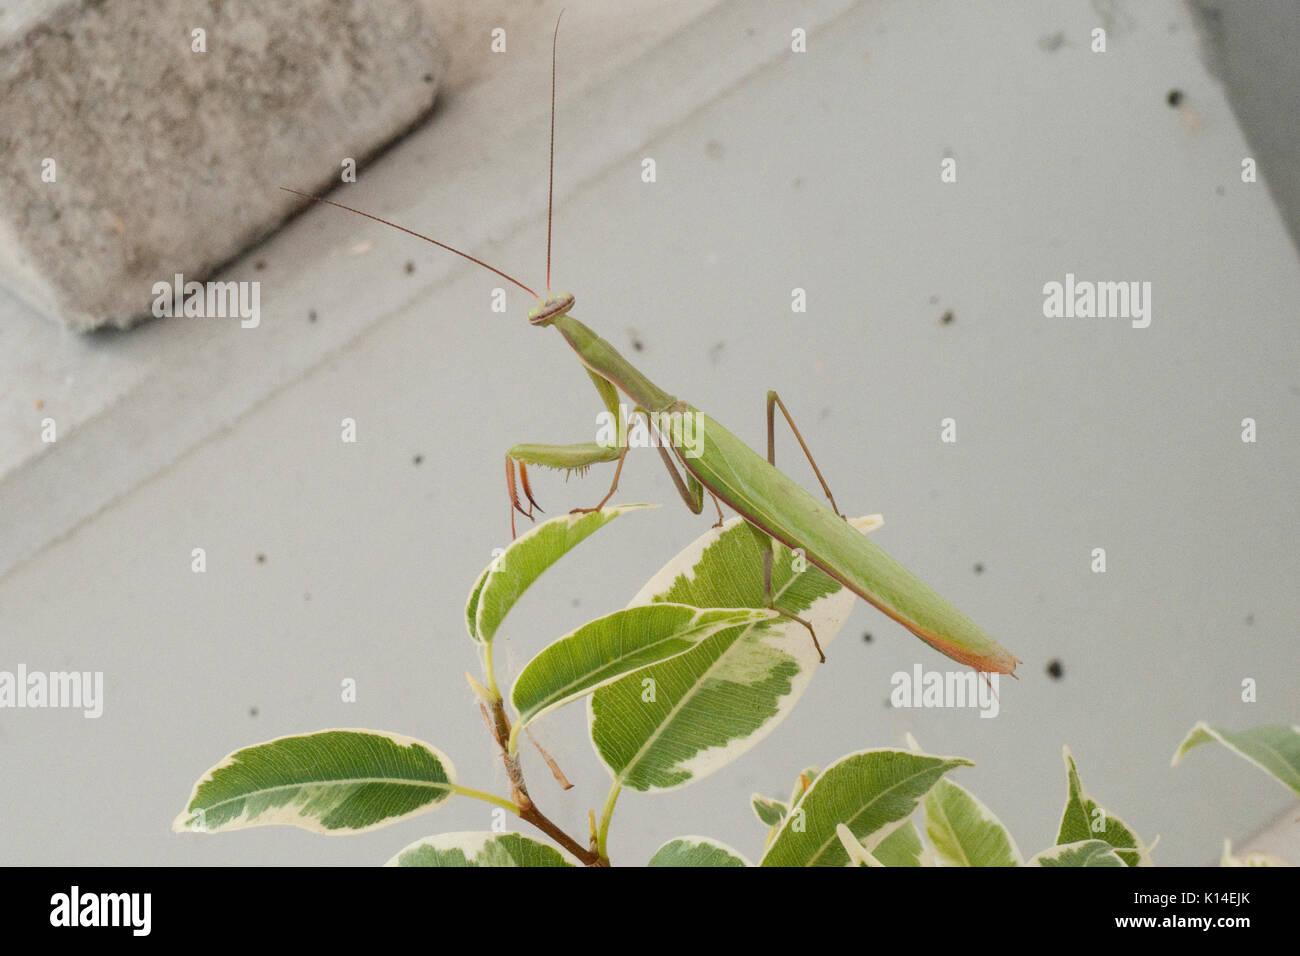 Gottesanbeterin, Insekt des Jahres 2017 - Stock Image